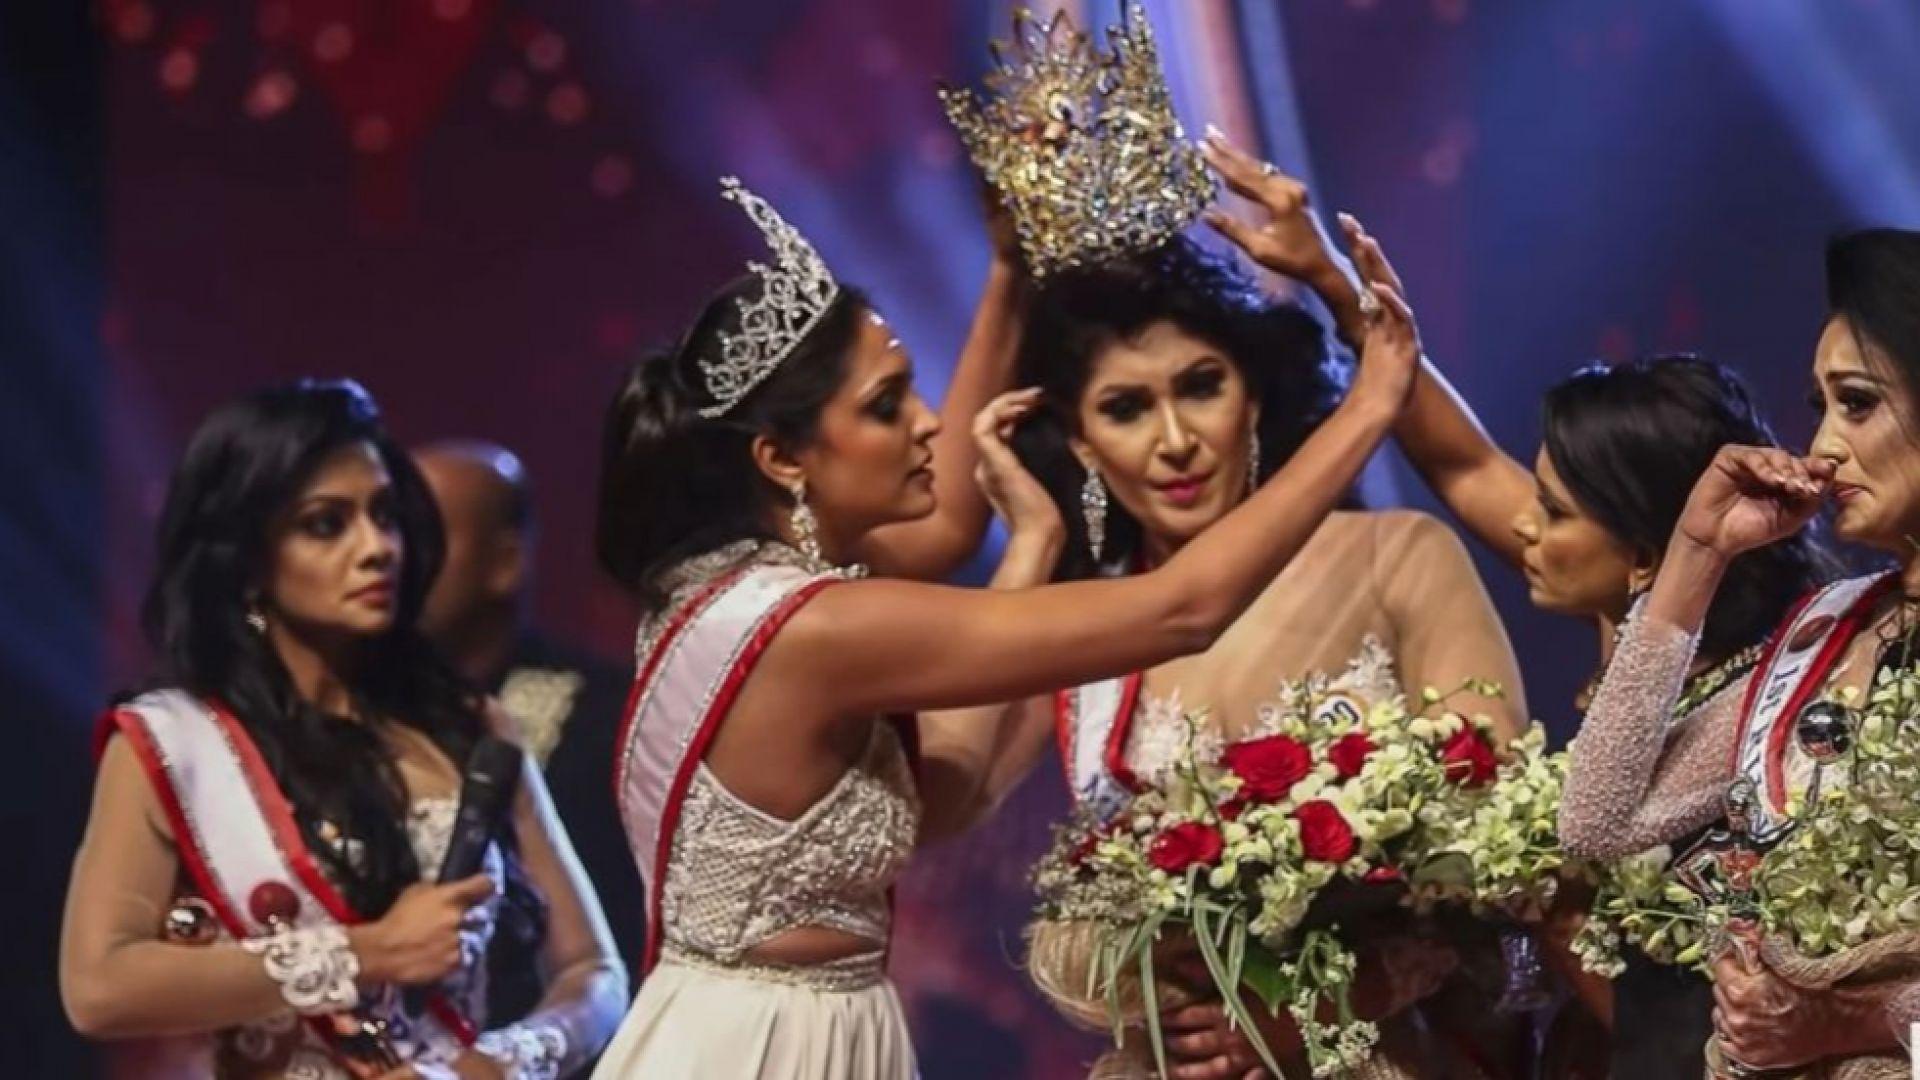 Хаос и драма на конкурс за красота в Шри Ланка